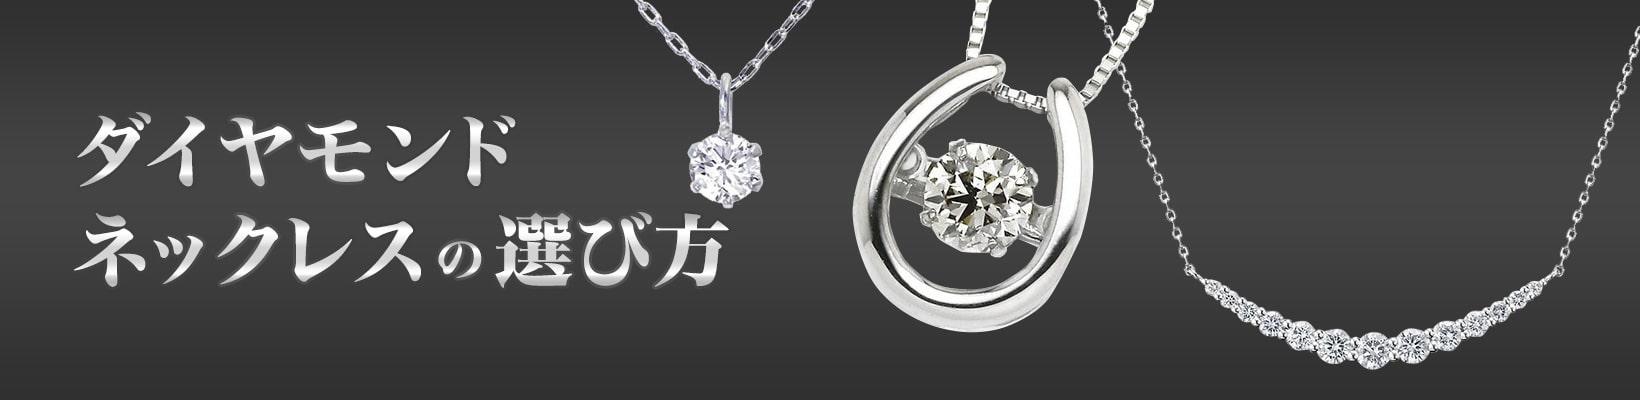 最高品質のダイヤモンド「フローレスダイヤモンド」